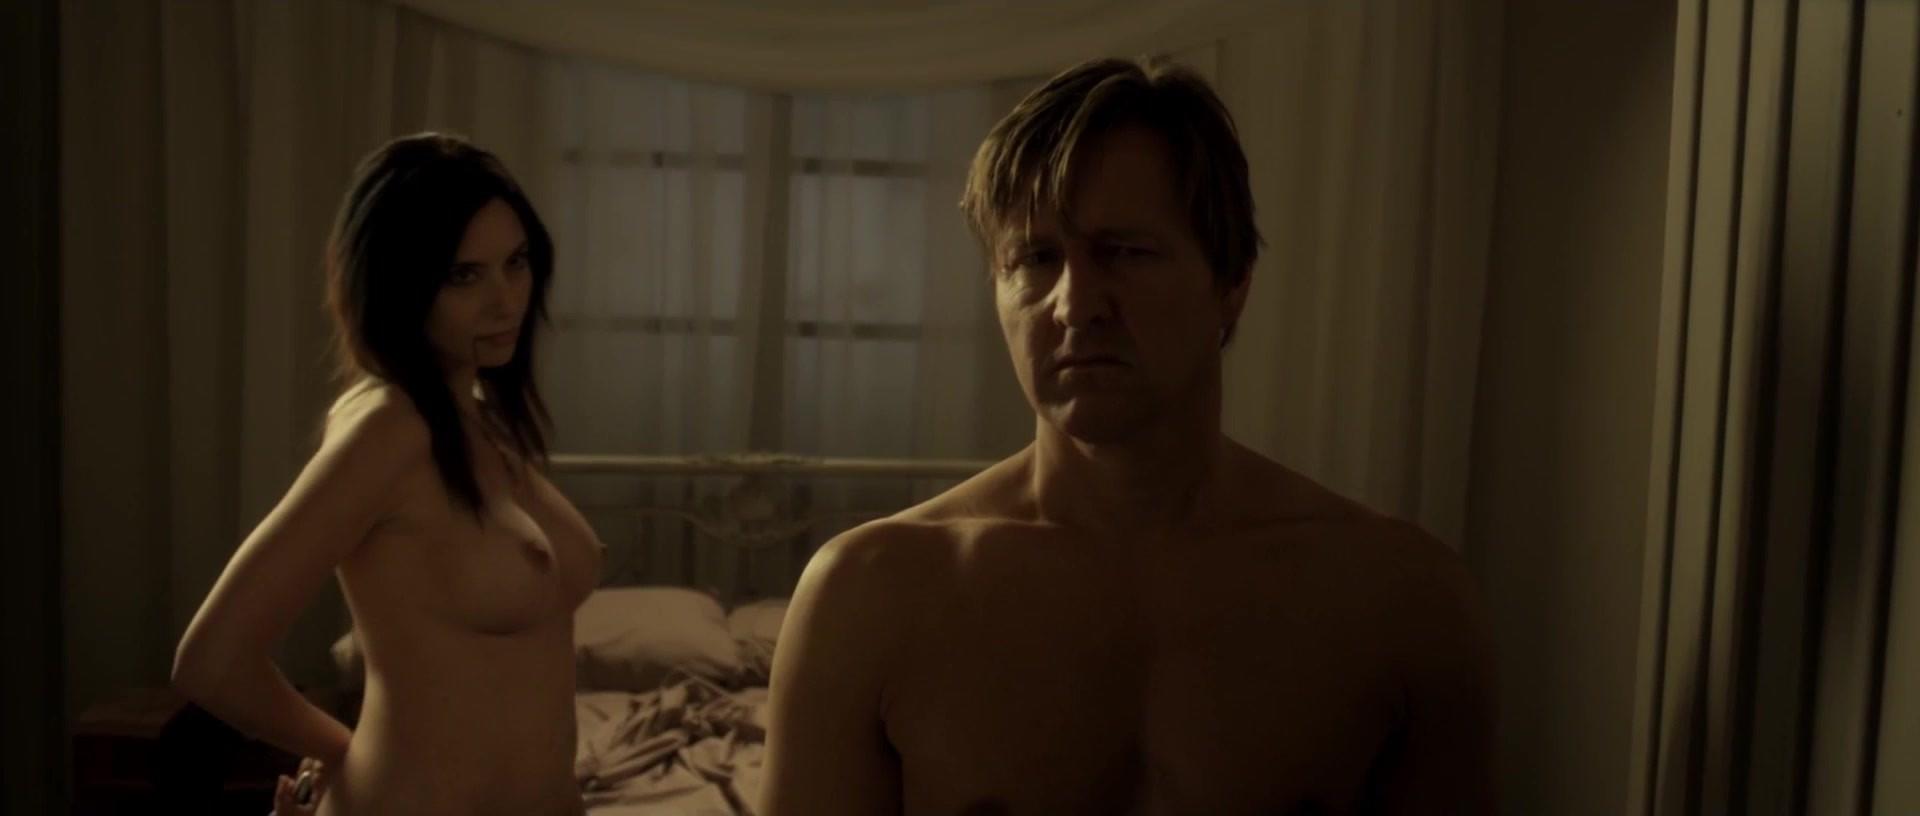 Nackt marta flich Nude Scenes